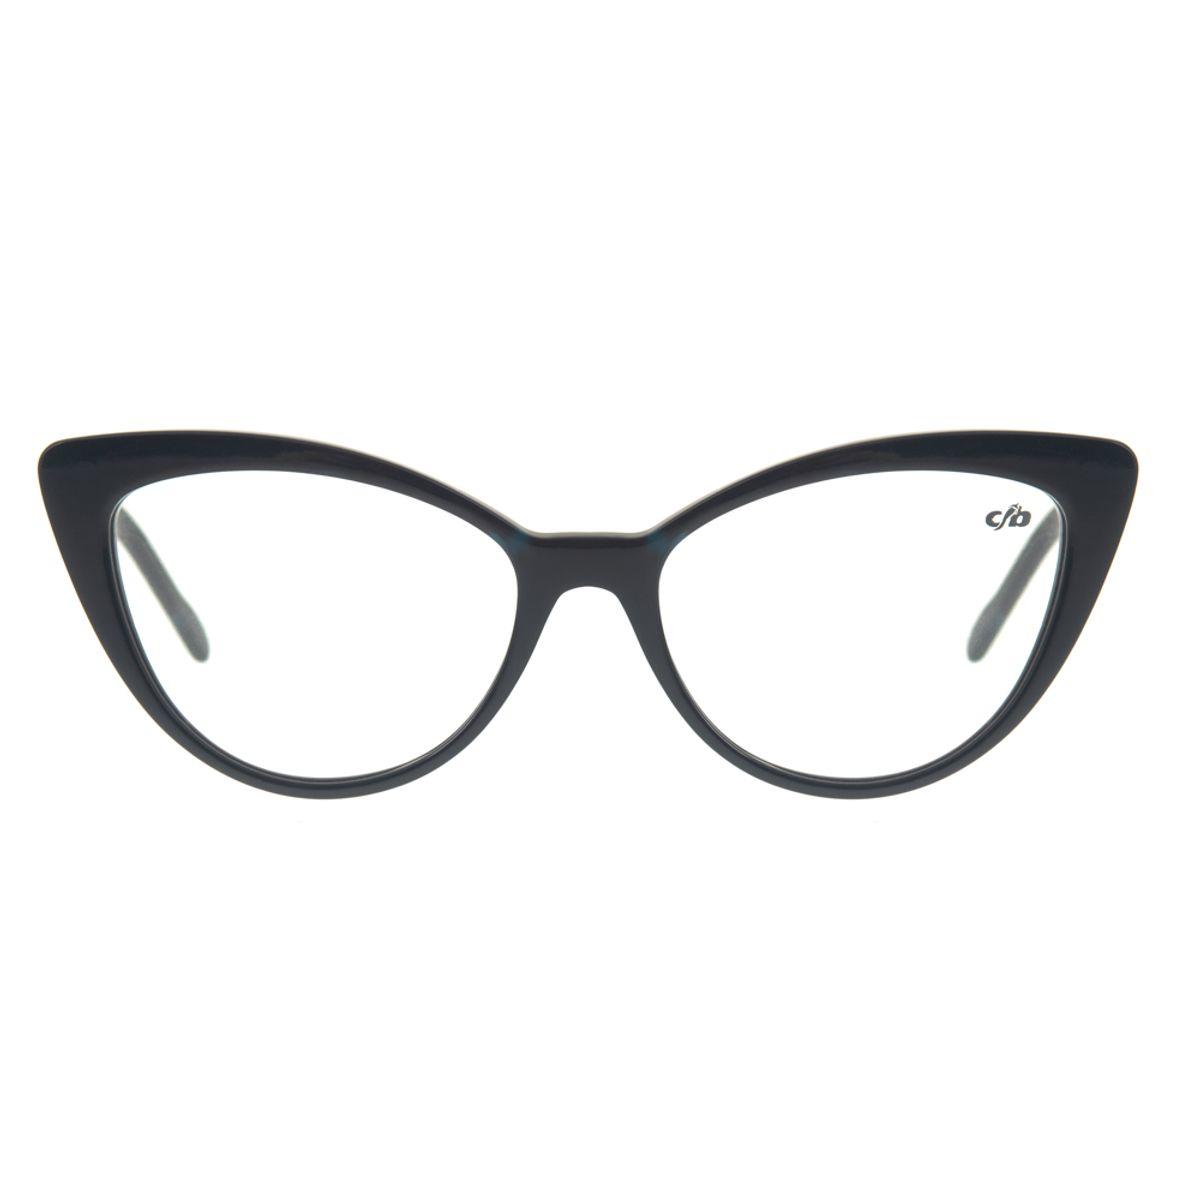 4084e2646 Armação para óculos de Grau Chilli Beans Gatinho Feminino Azul ...